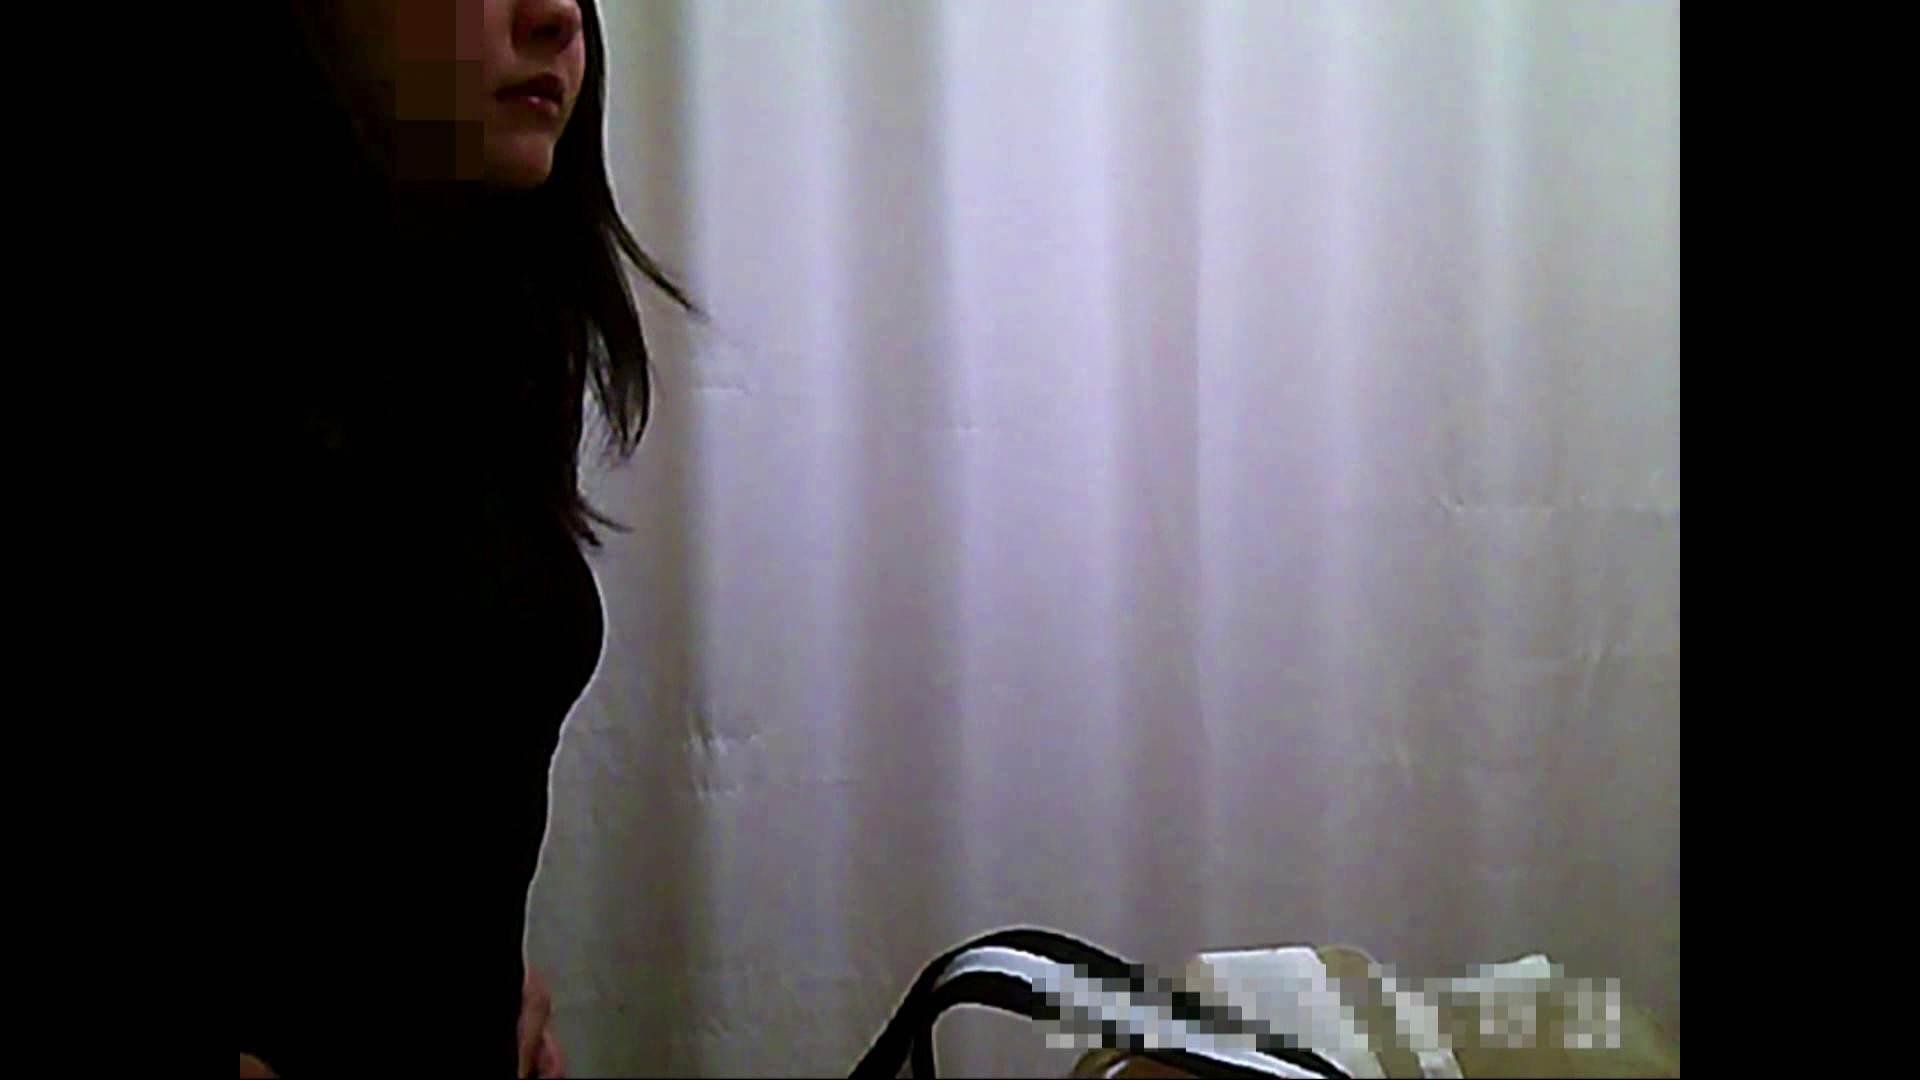 病院おもいっきり着替え! vol.174 盗撮 盗み撮り動画キャプチャ 89pic 59